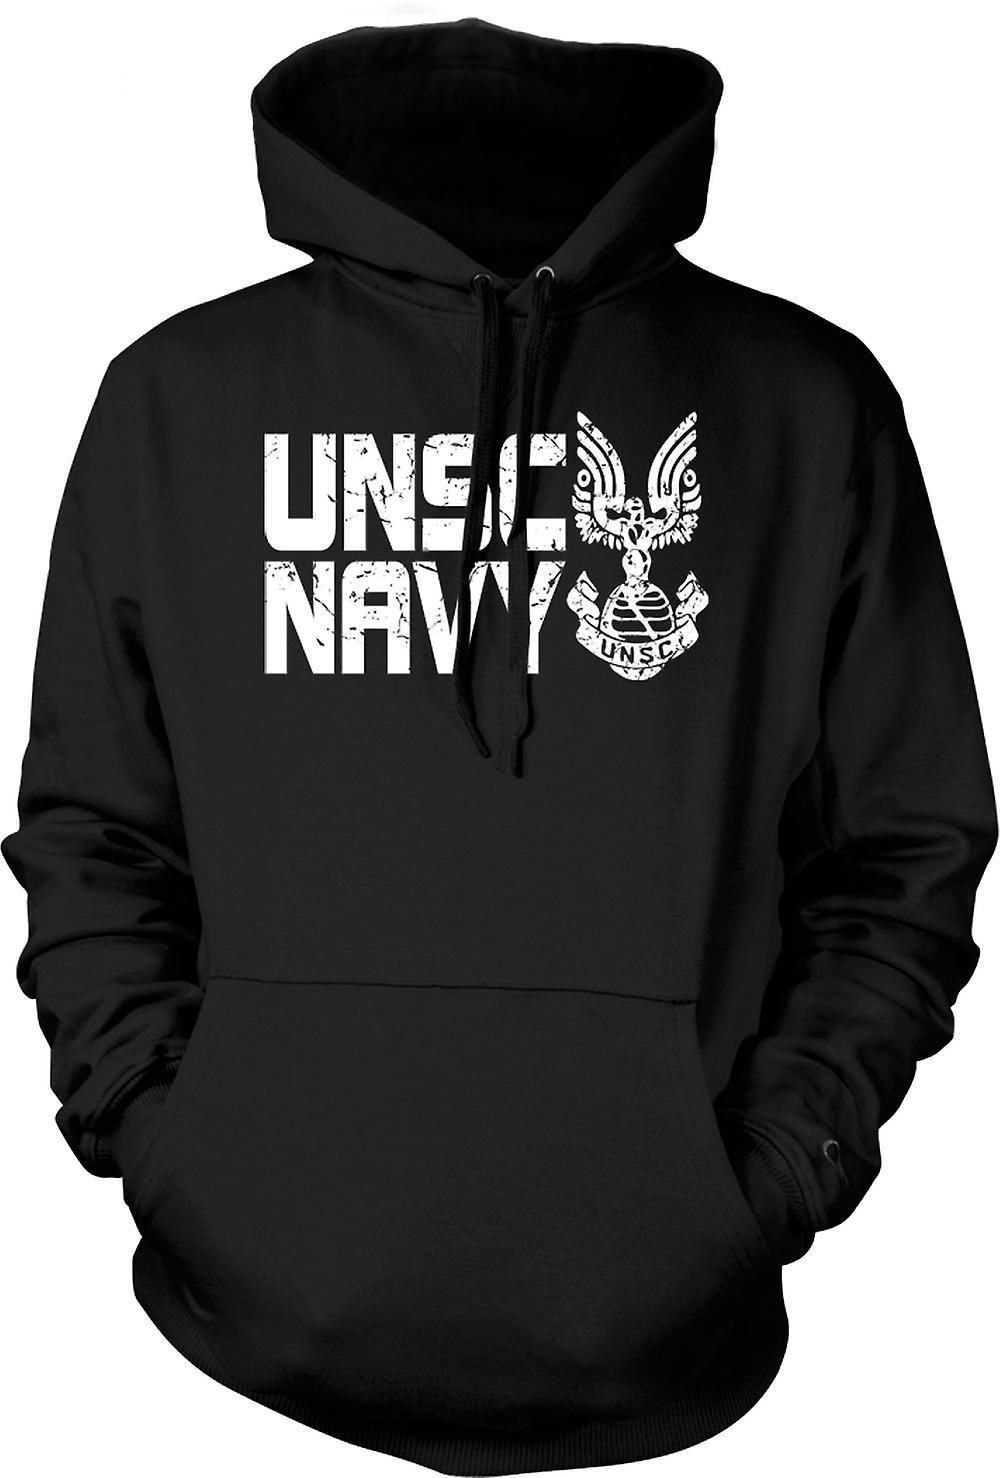 Mens Hoodie - VN-Veiligheidsraad Marine Logo - Gamer